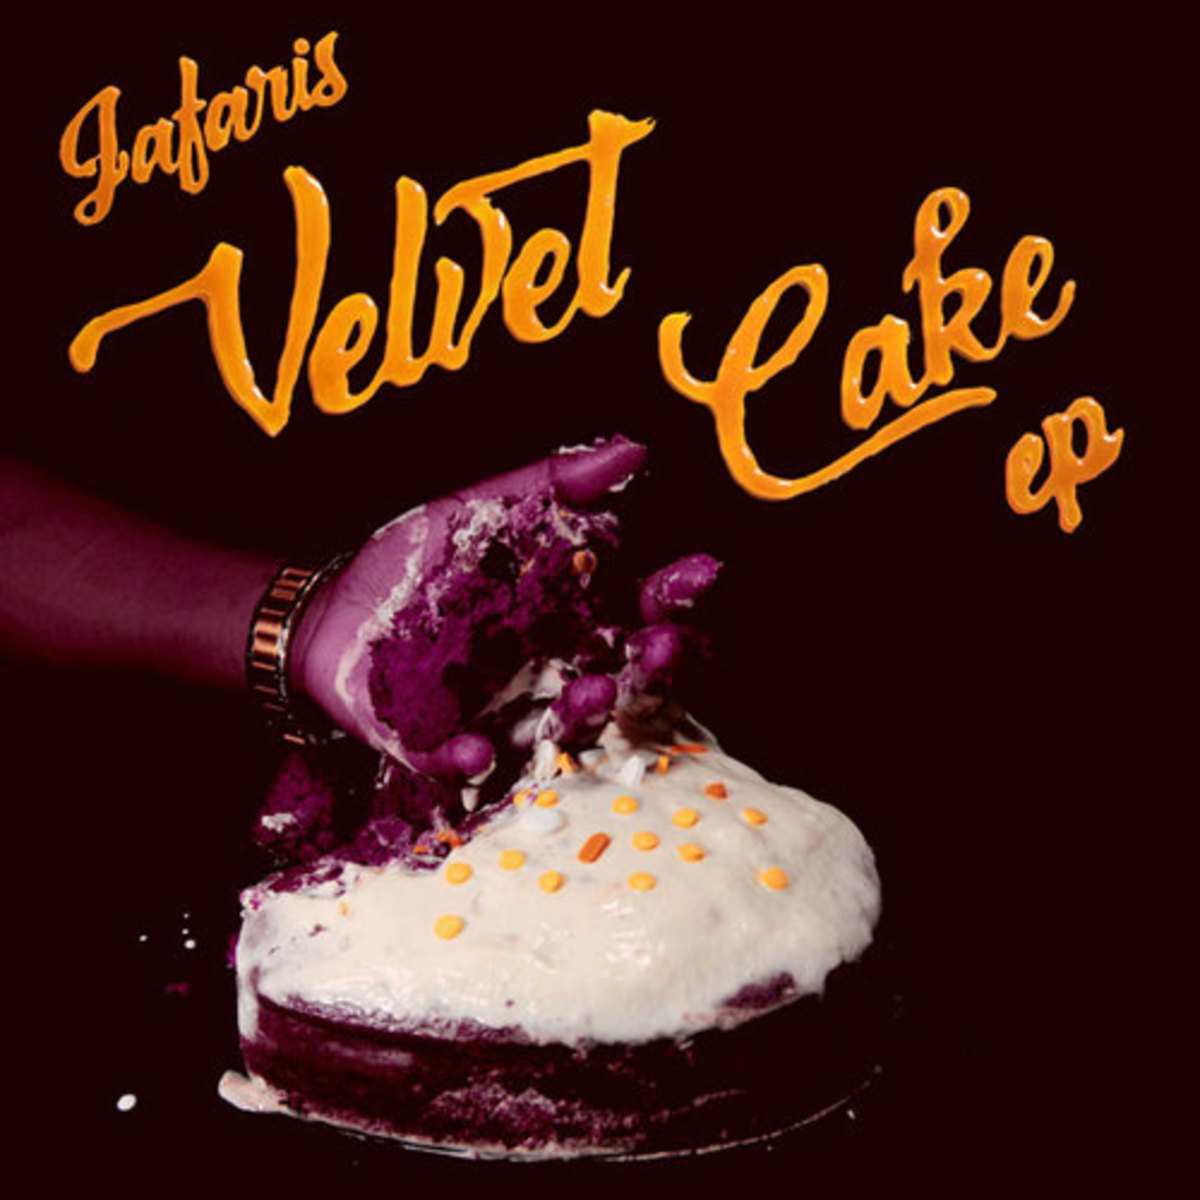 jafaris-velvet-cake-ep.jpg